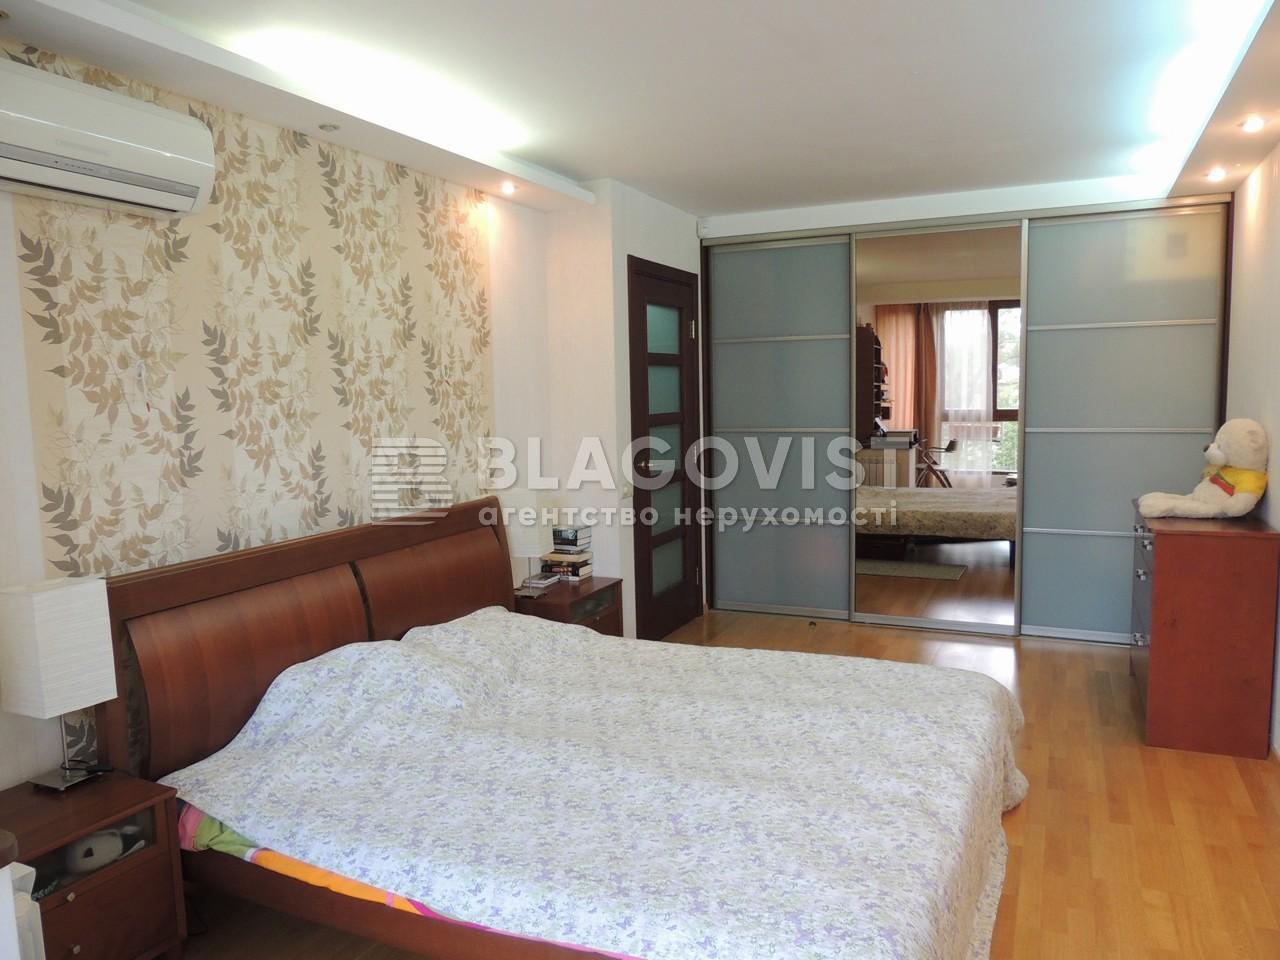 Квартира C-101736, Виноградный пер., 6, Киев - Фото 5